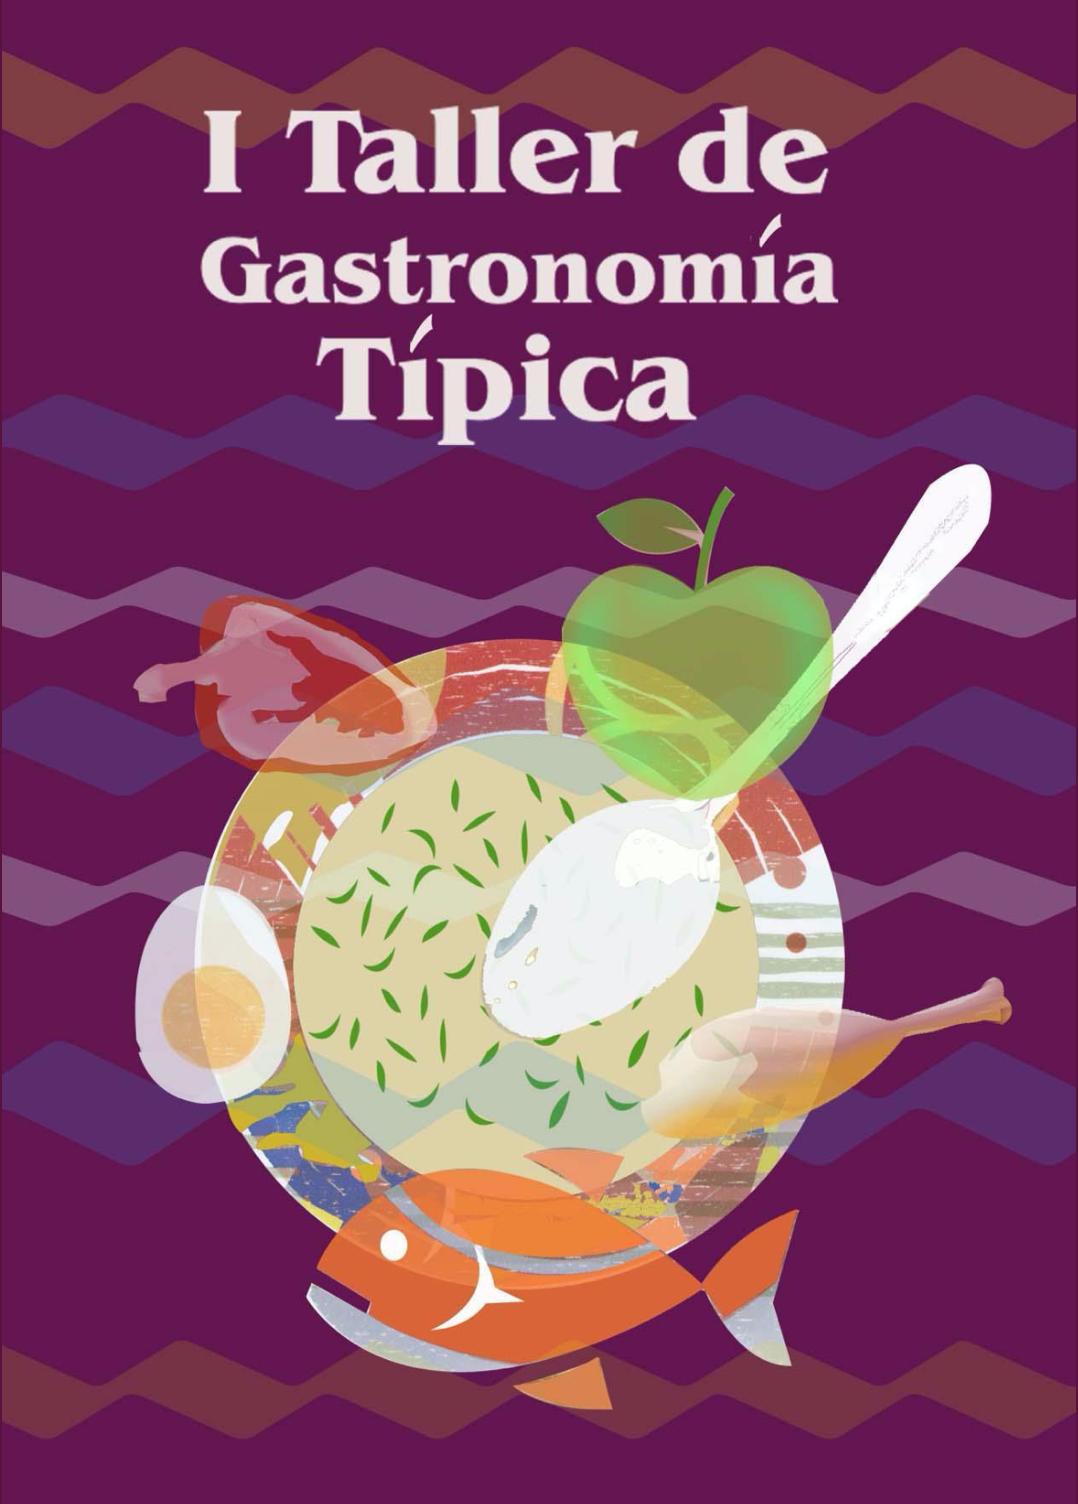 Primer taller de gastronomía típica de Lucena